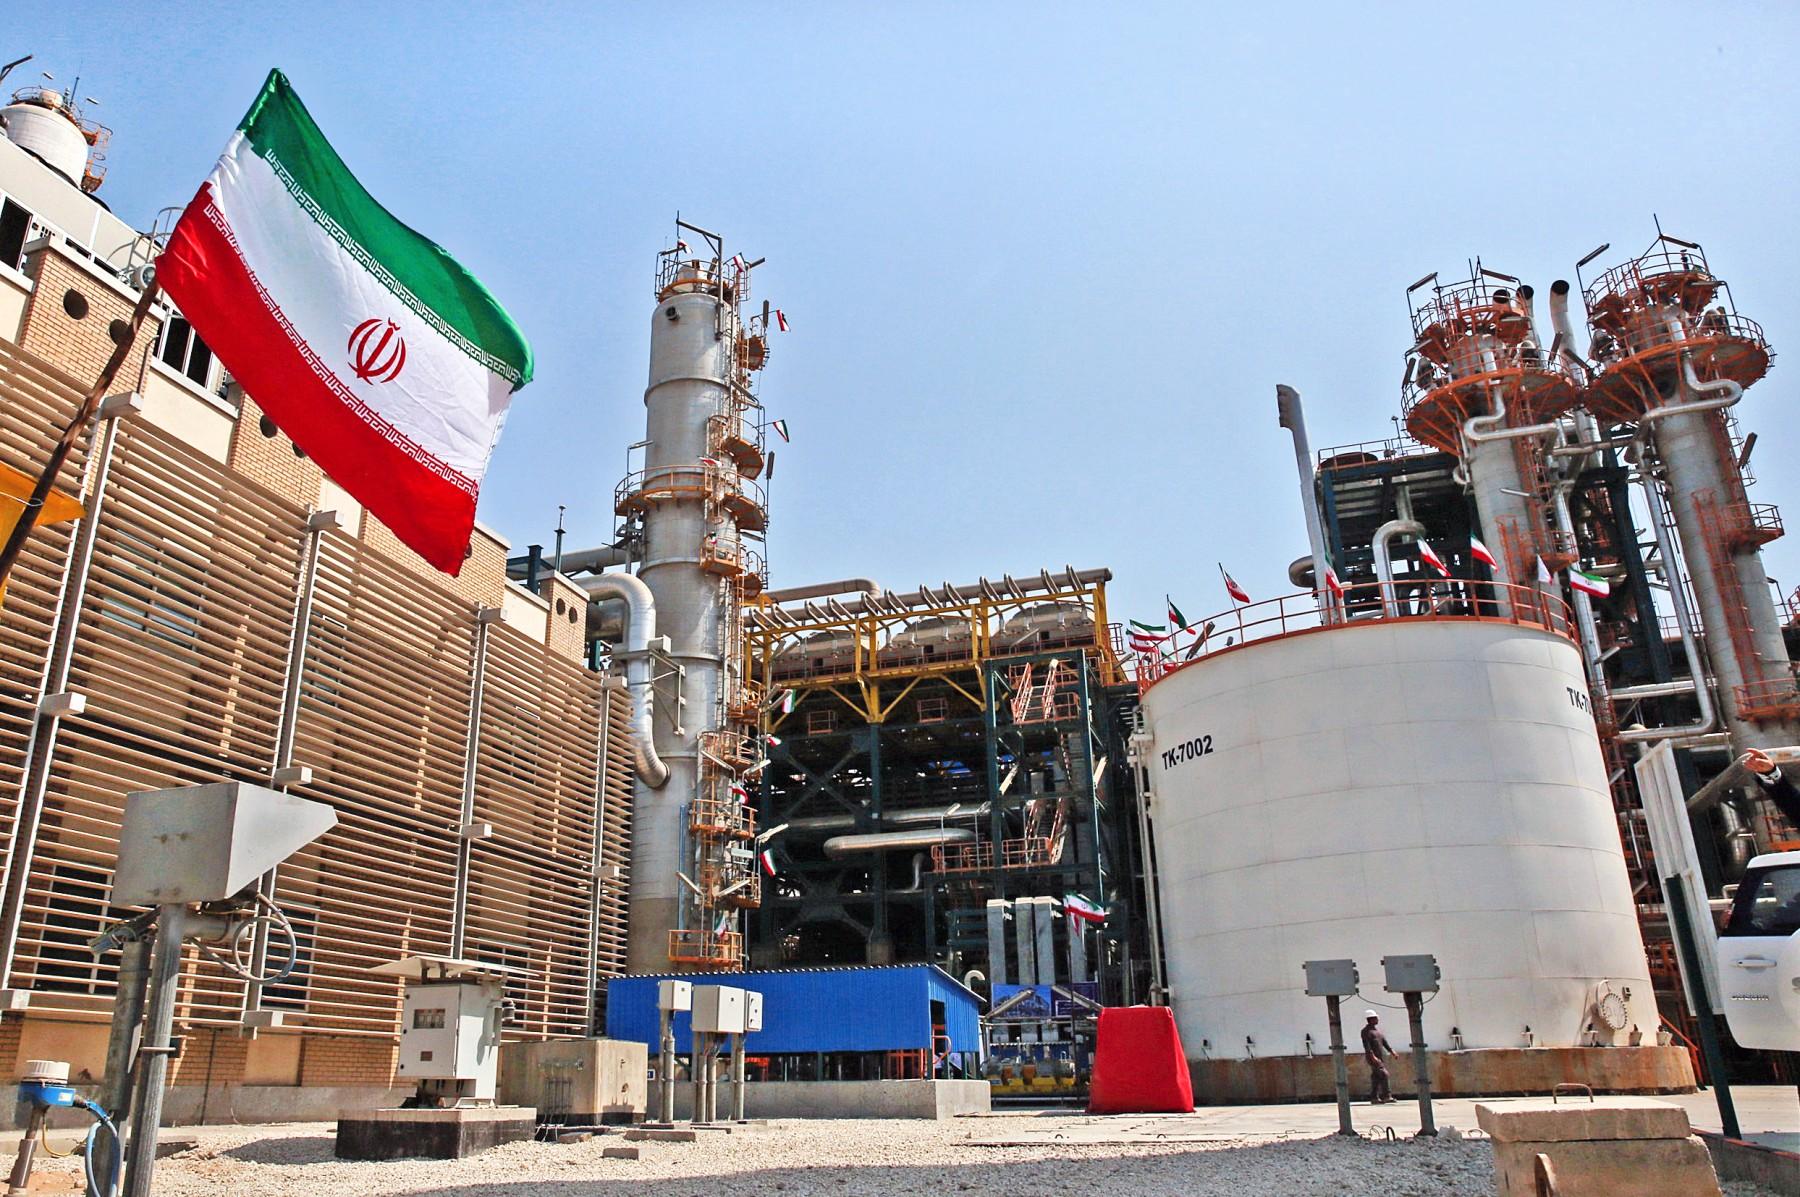 Νέο κοίτασμα πετρελαίου στη Μέση Ανατολή